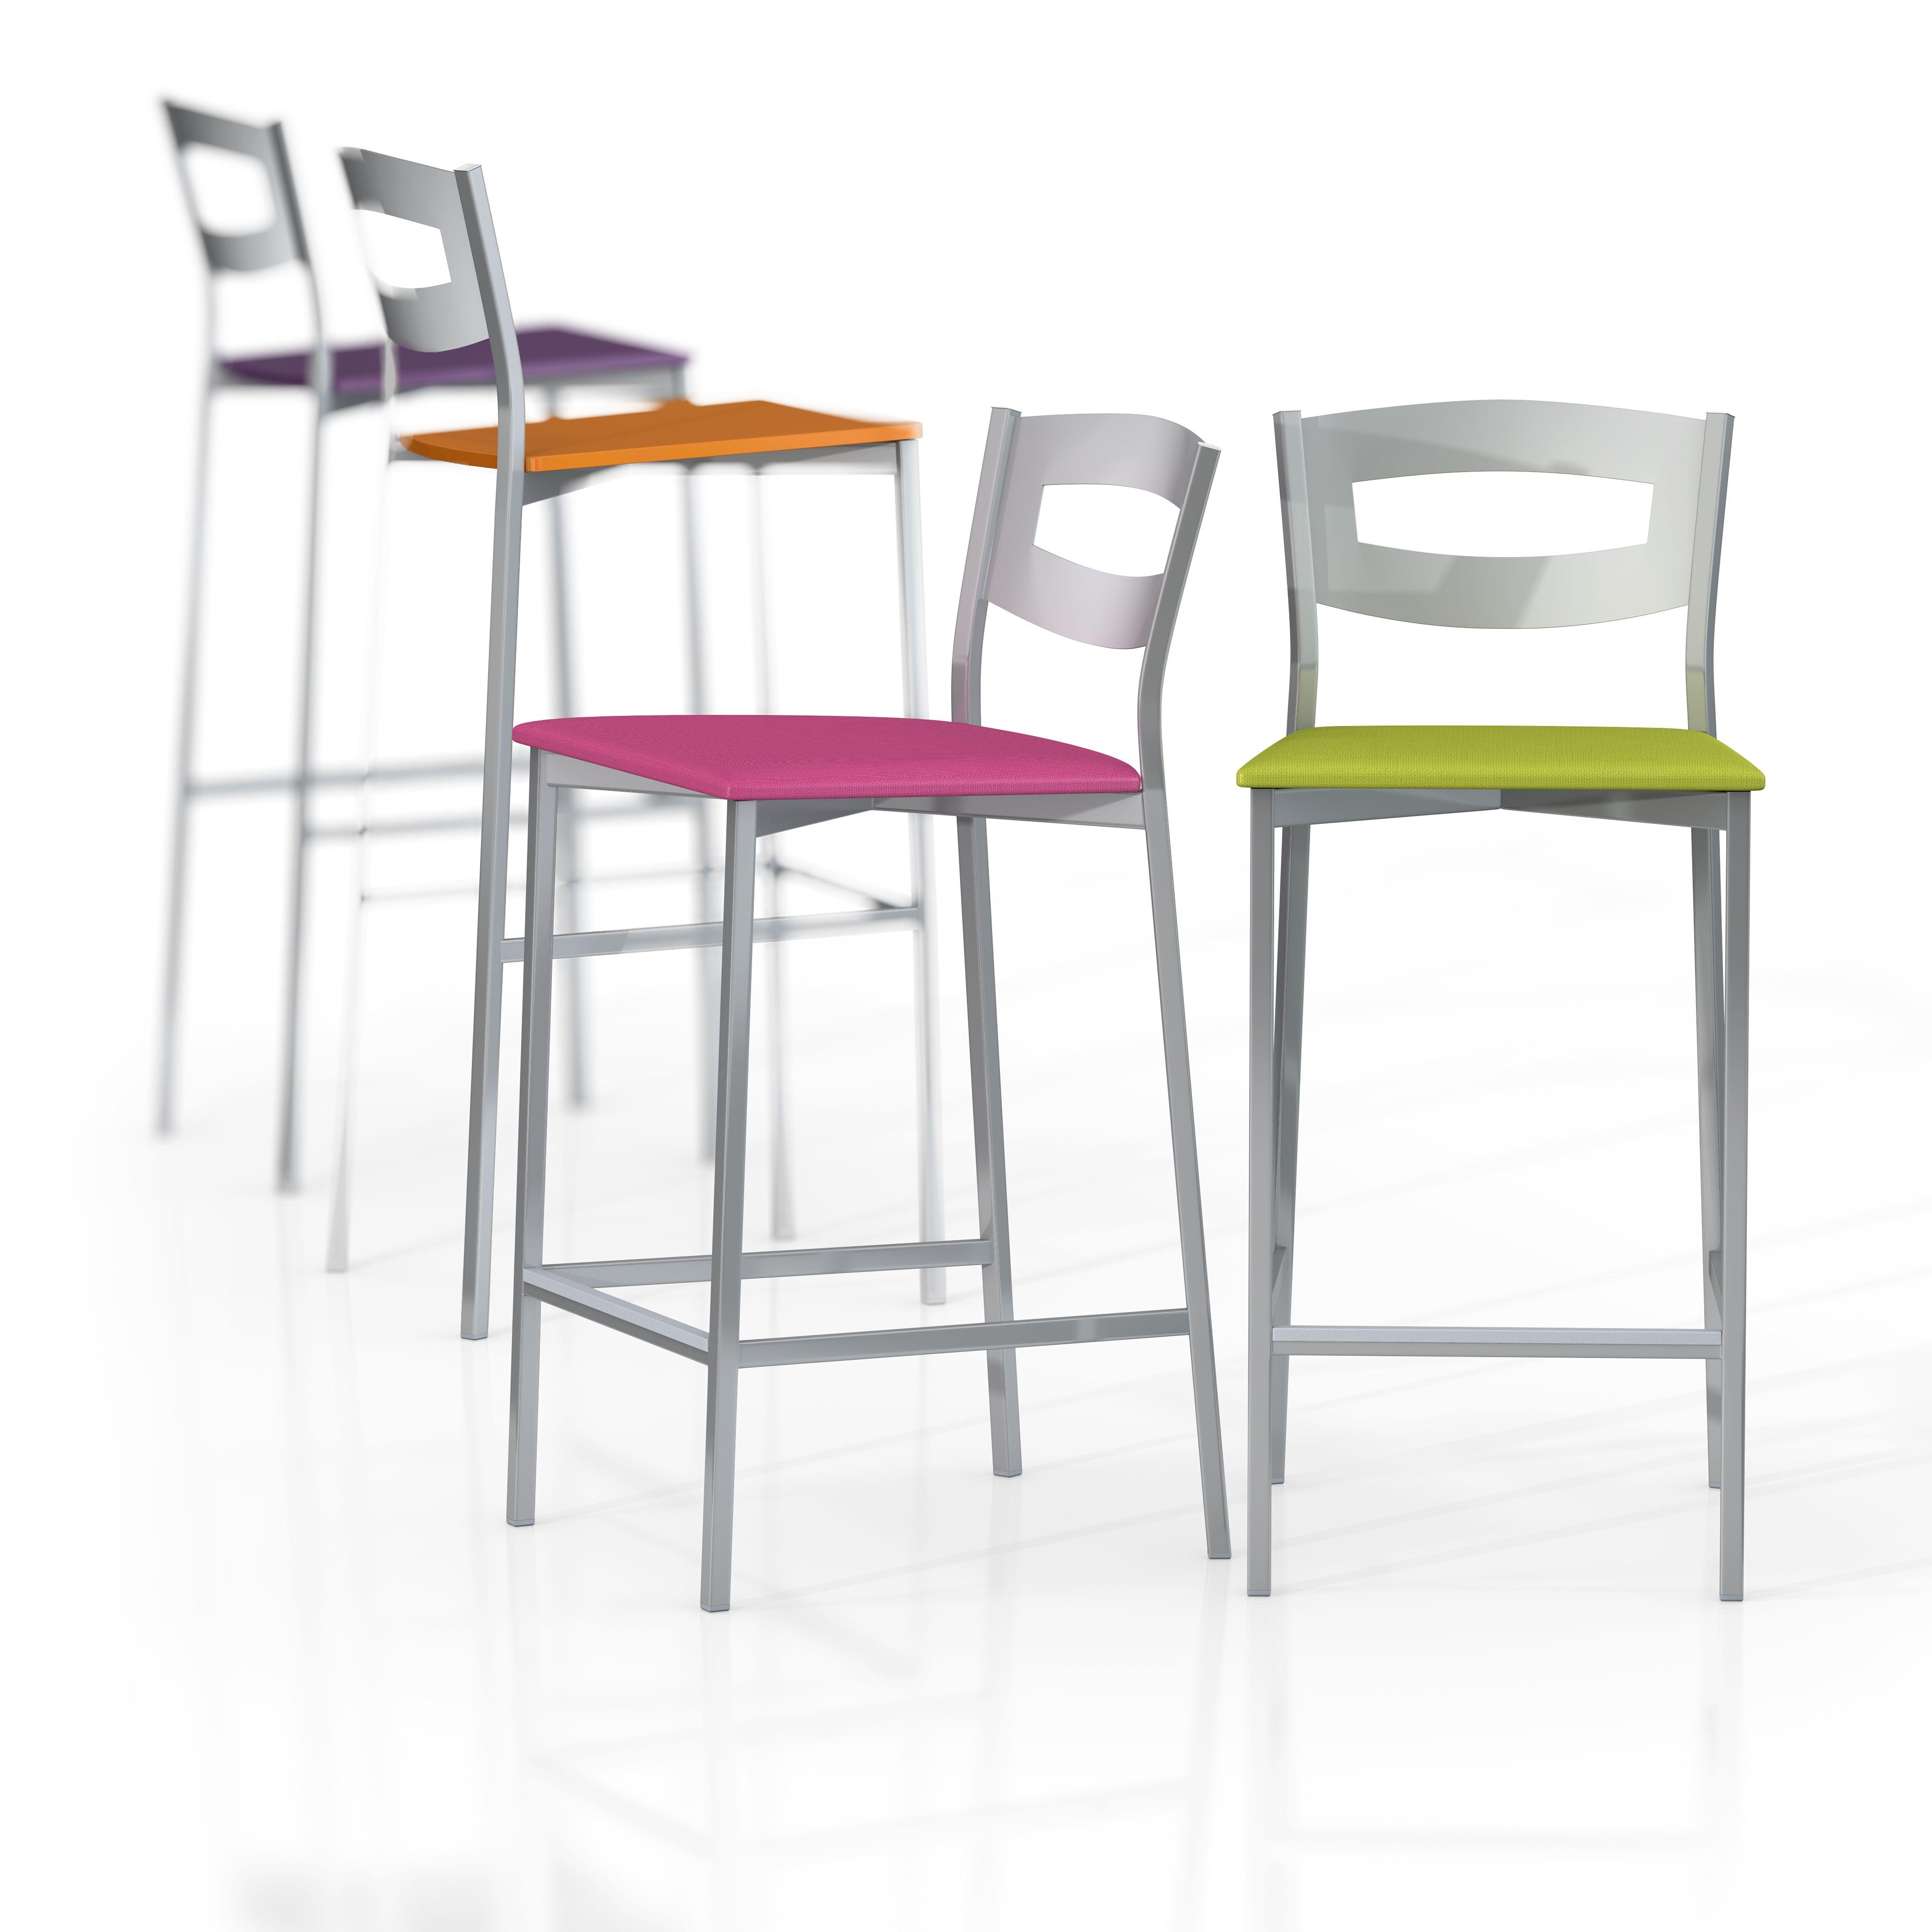 Taburete gala masquemesas mobiliario pinterest for Mesas y sillas modernas para cocina